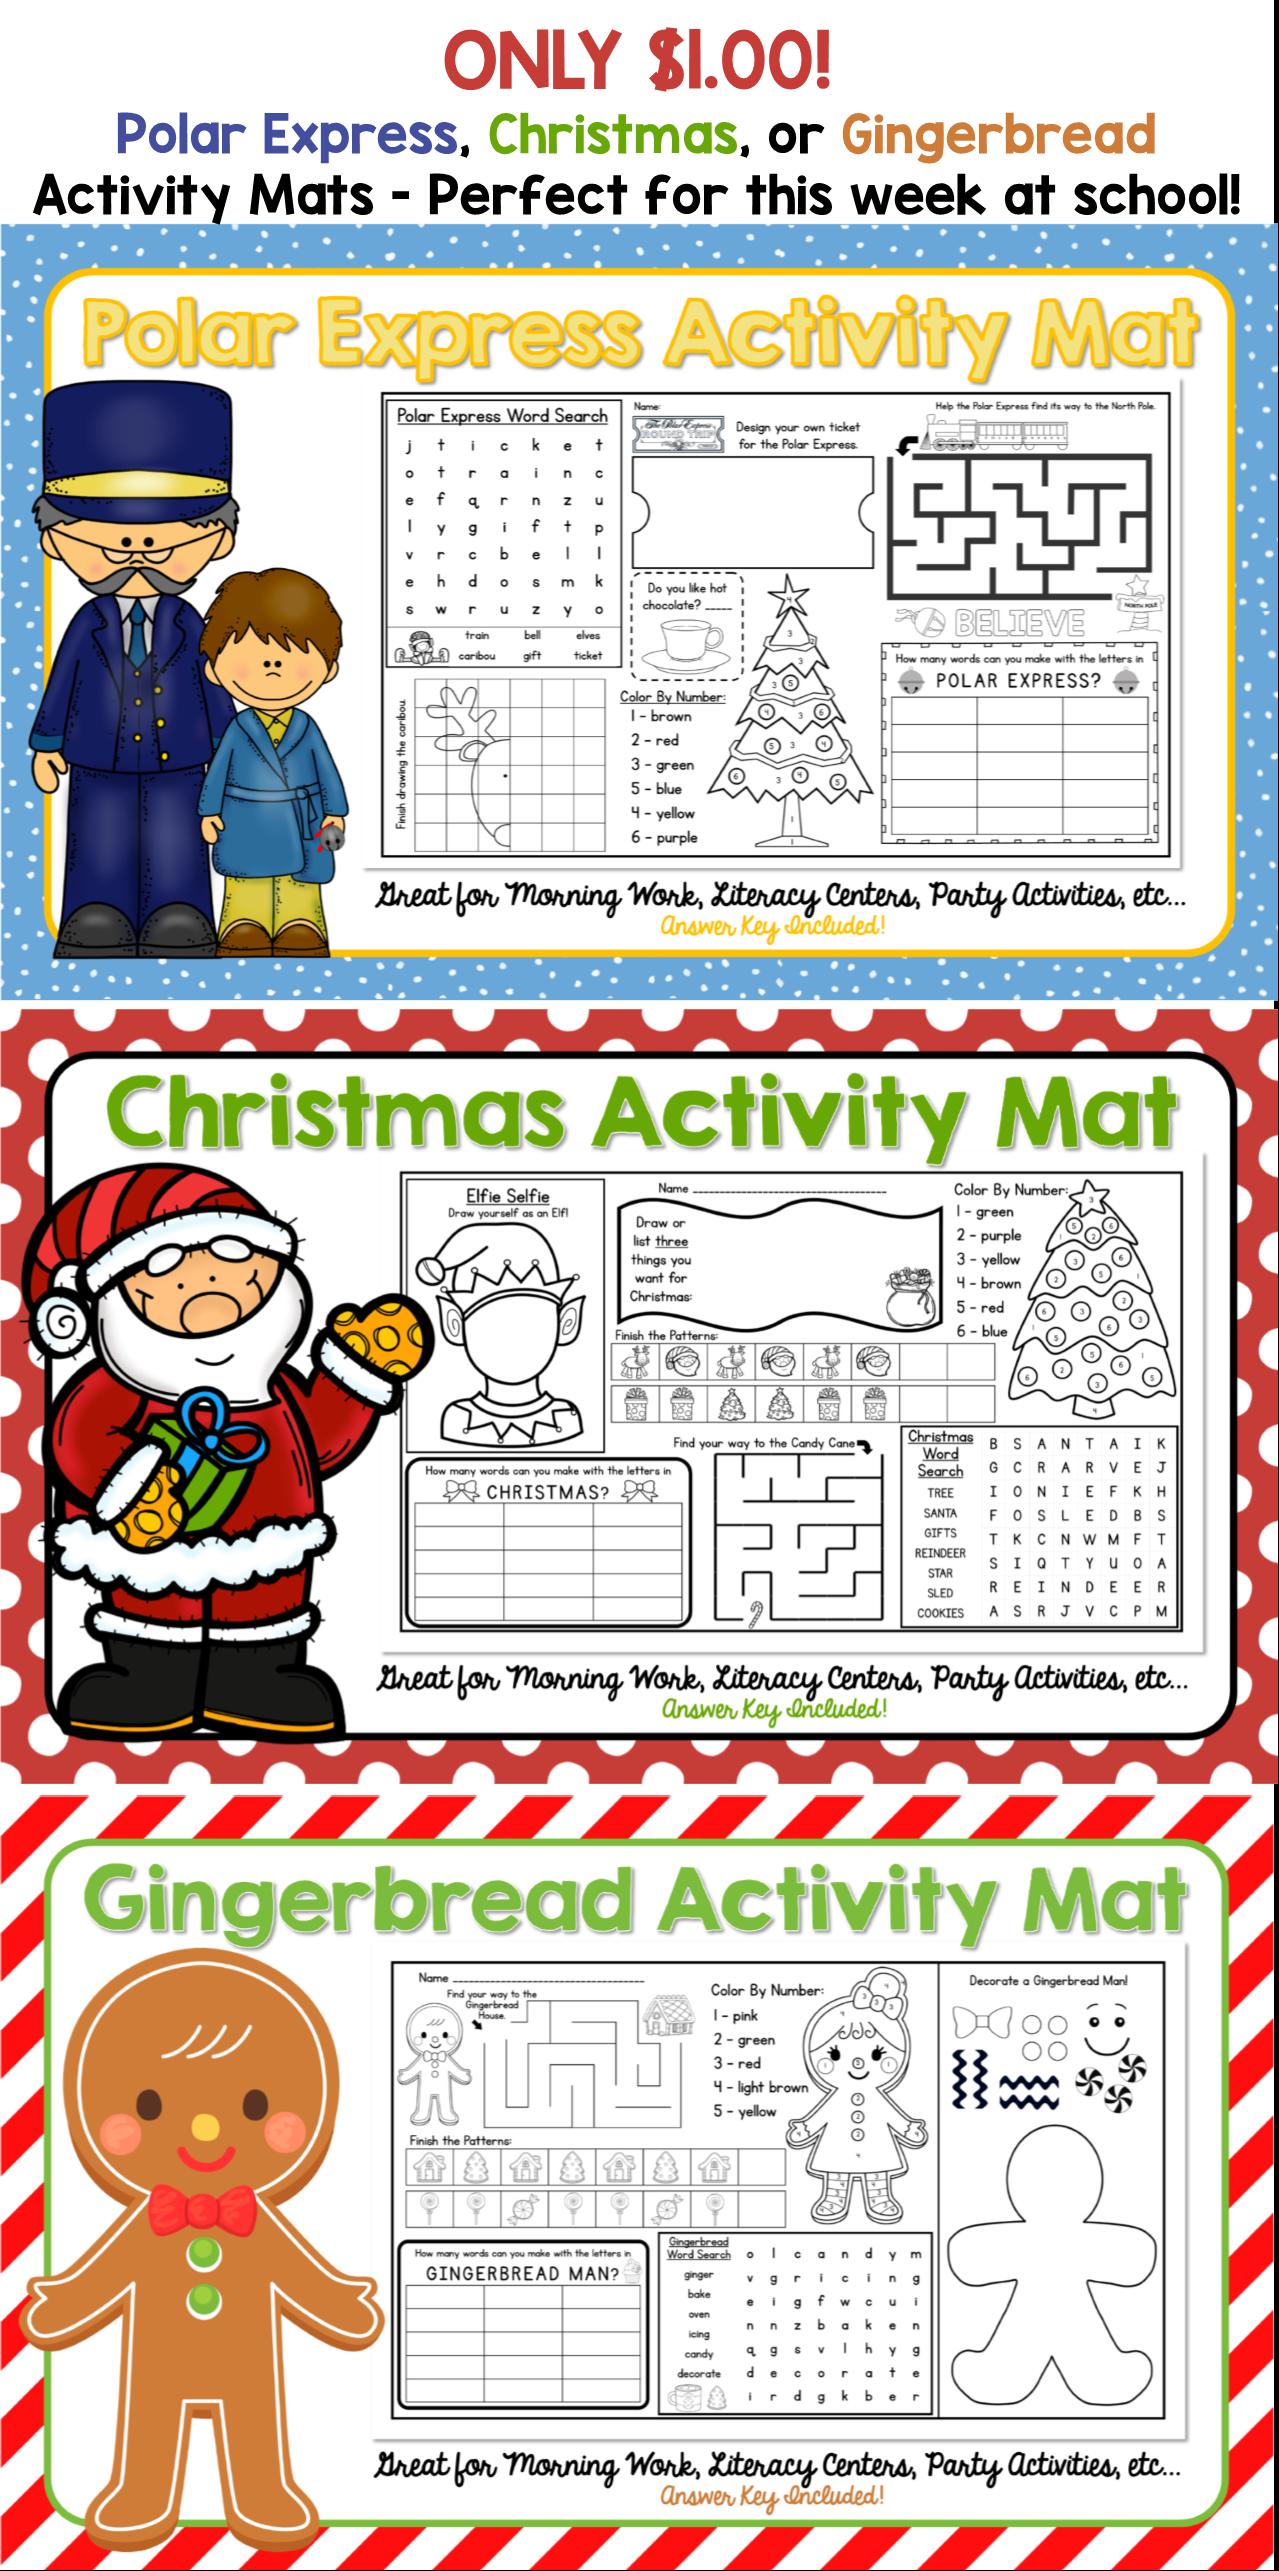 Polar Express Activity Mat